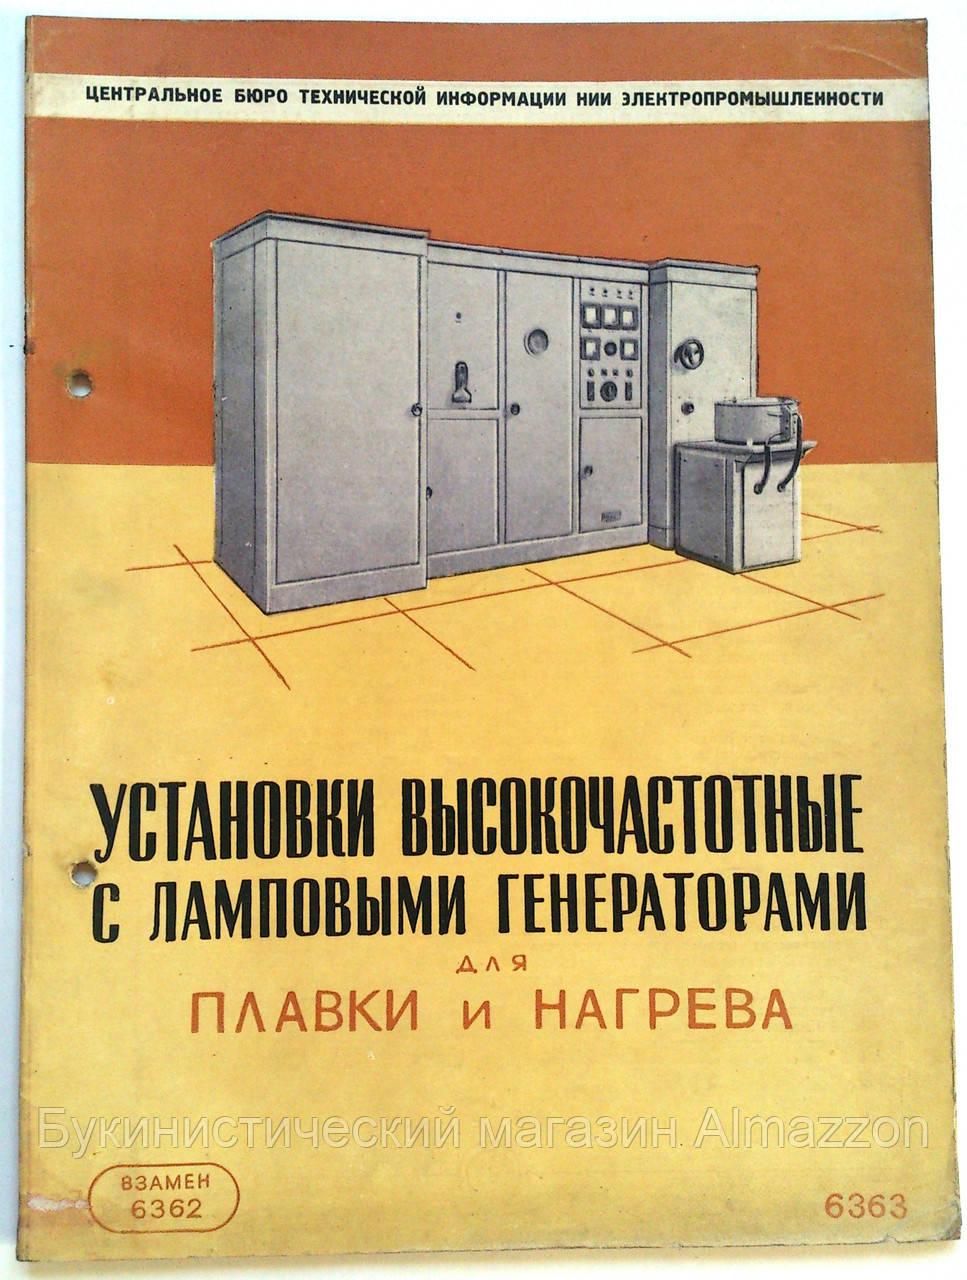 """Журнал (Бюллетень) """"Установки высокочастотные с ламповыми генераторами для плавки и нагрева"""" 1958 год"""